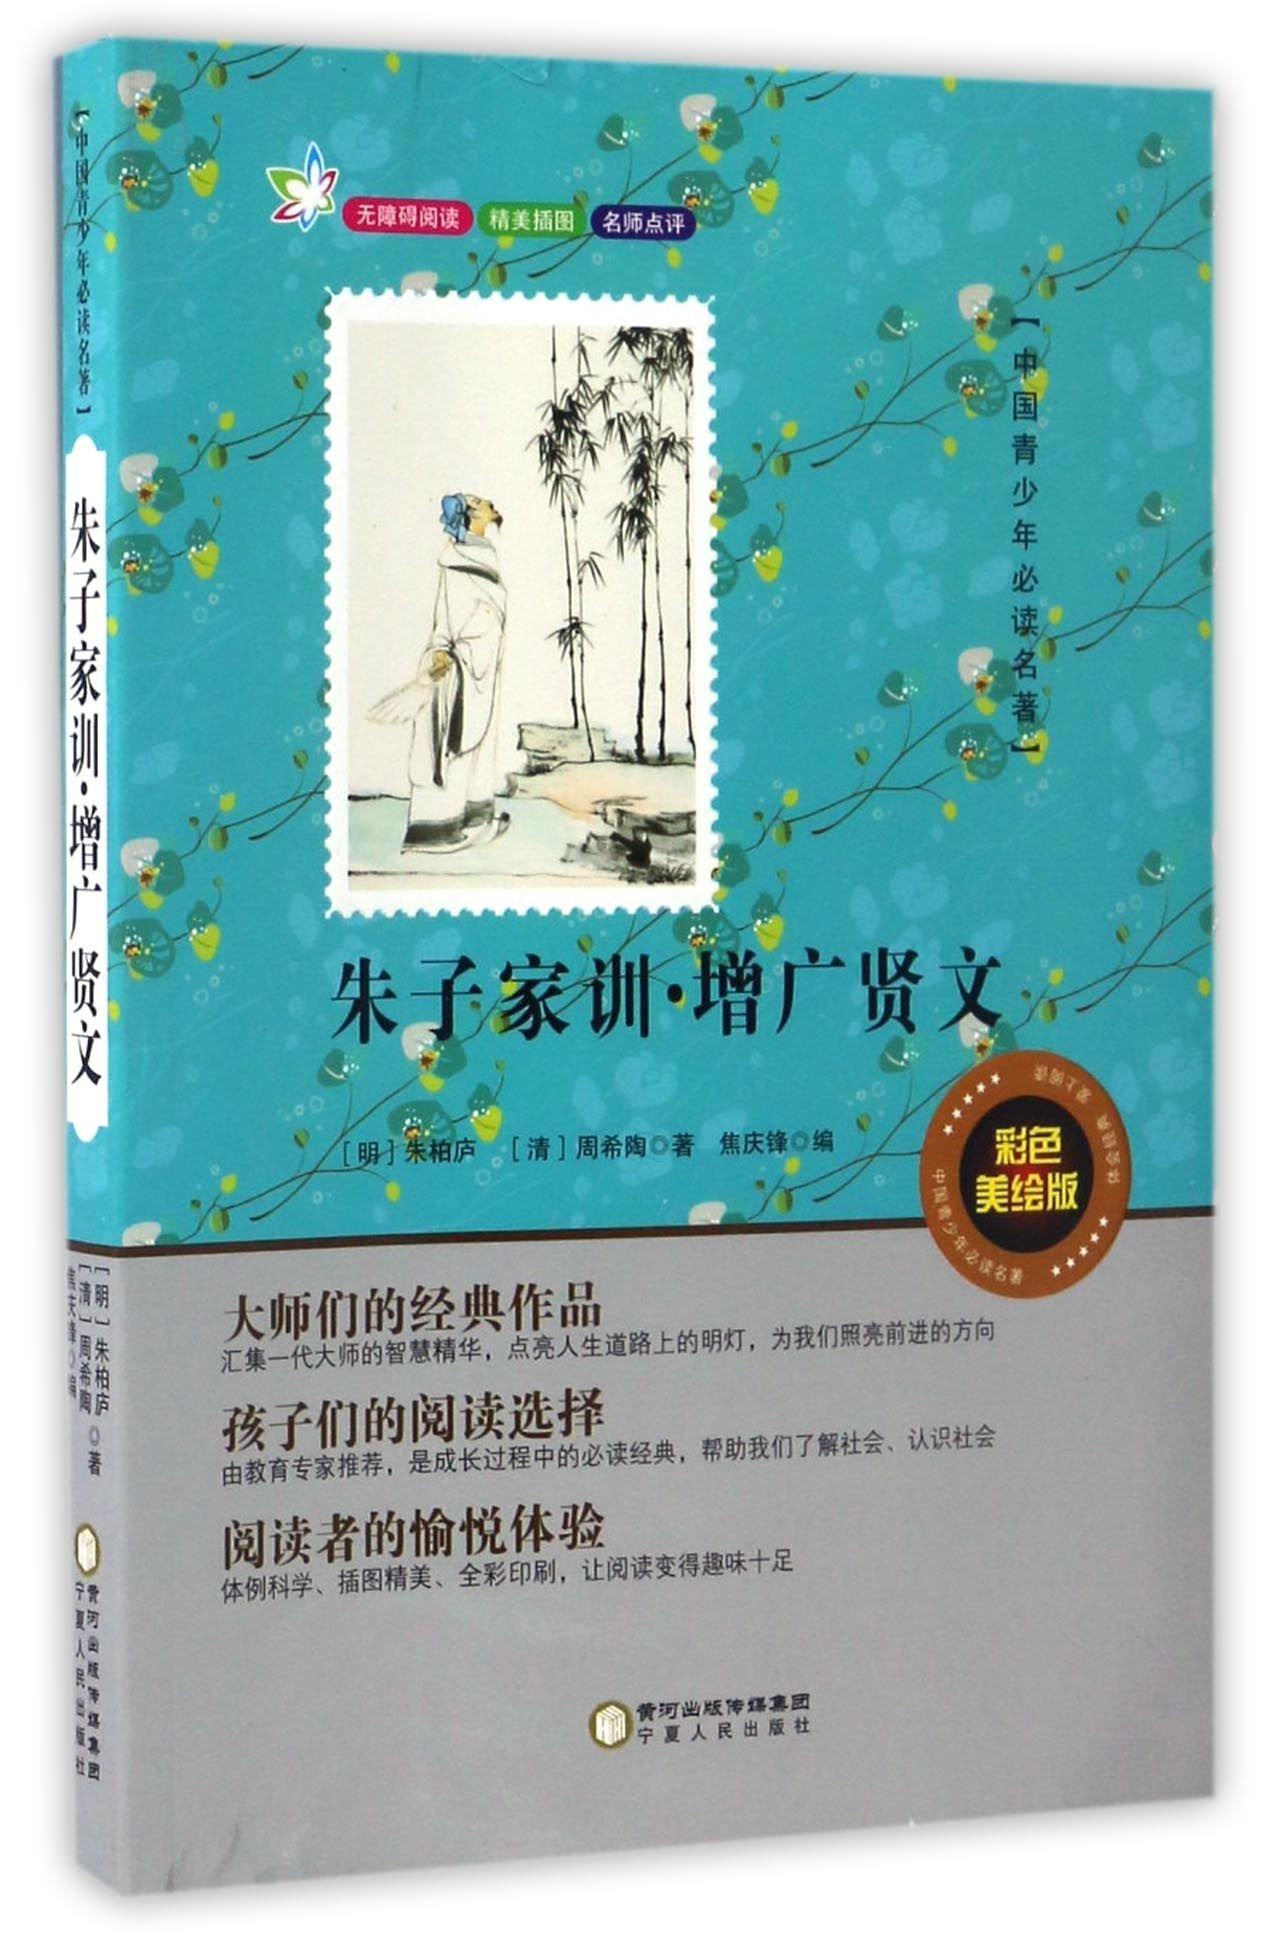 朱子家训增广贤文(彩色美绘版无障碍阅读)/中国青少年必读名著 pdf